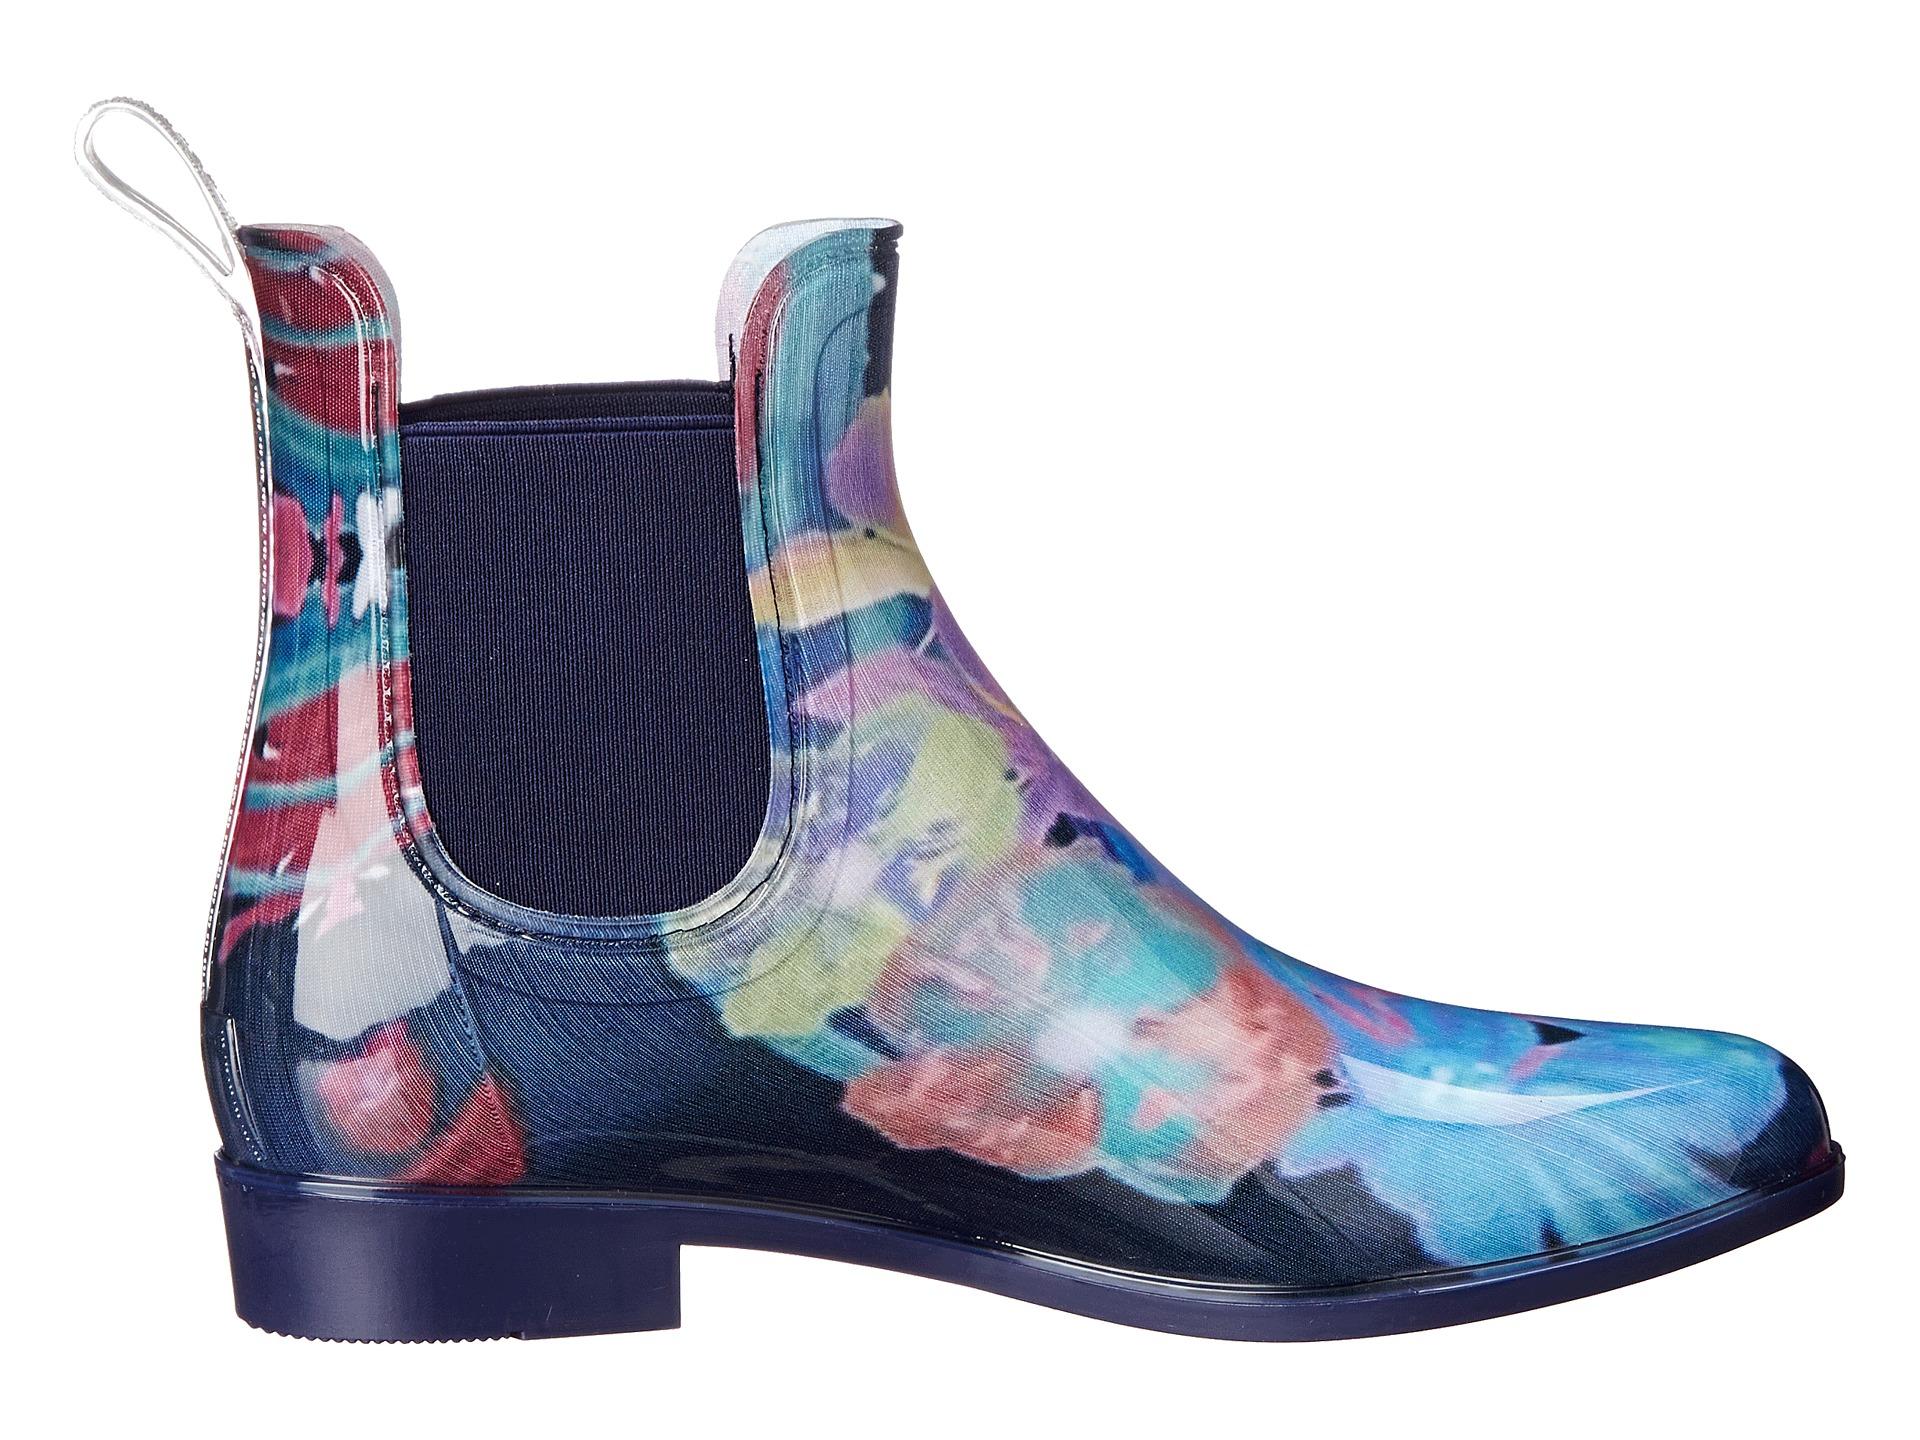 Nosox Women S Myst Rain Shoe